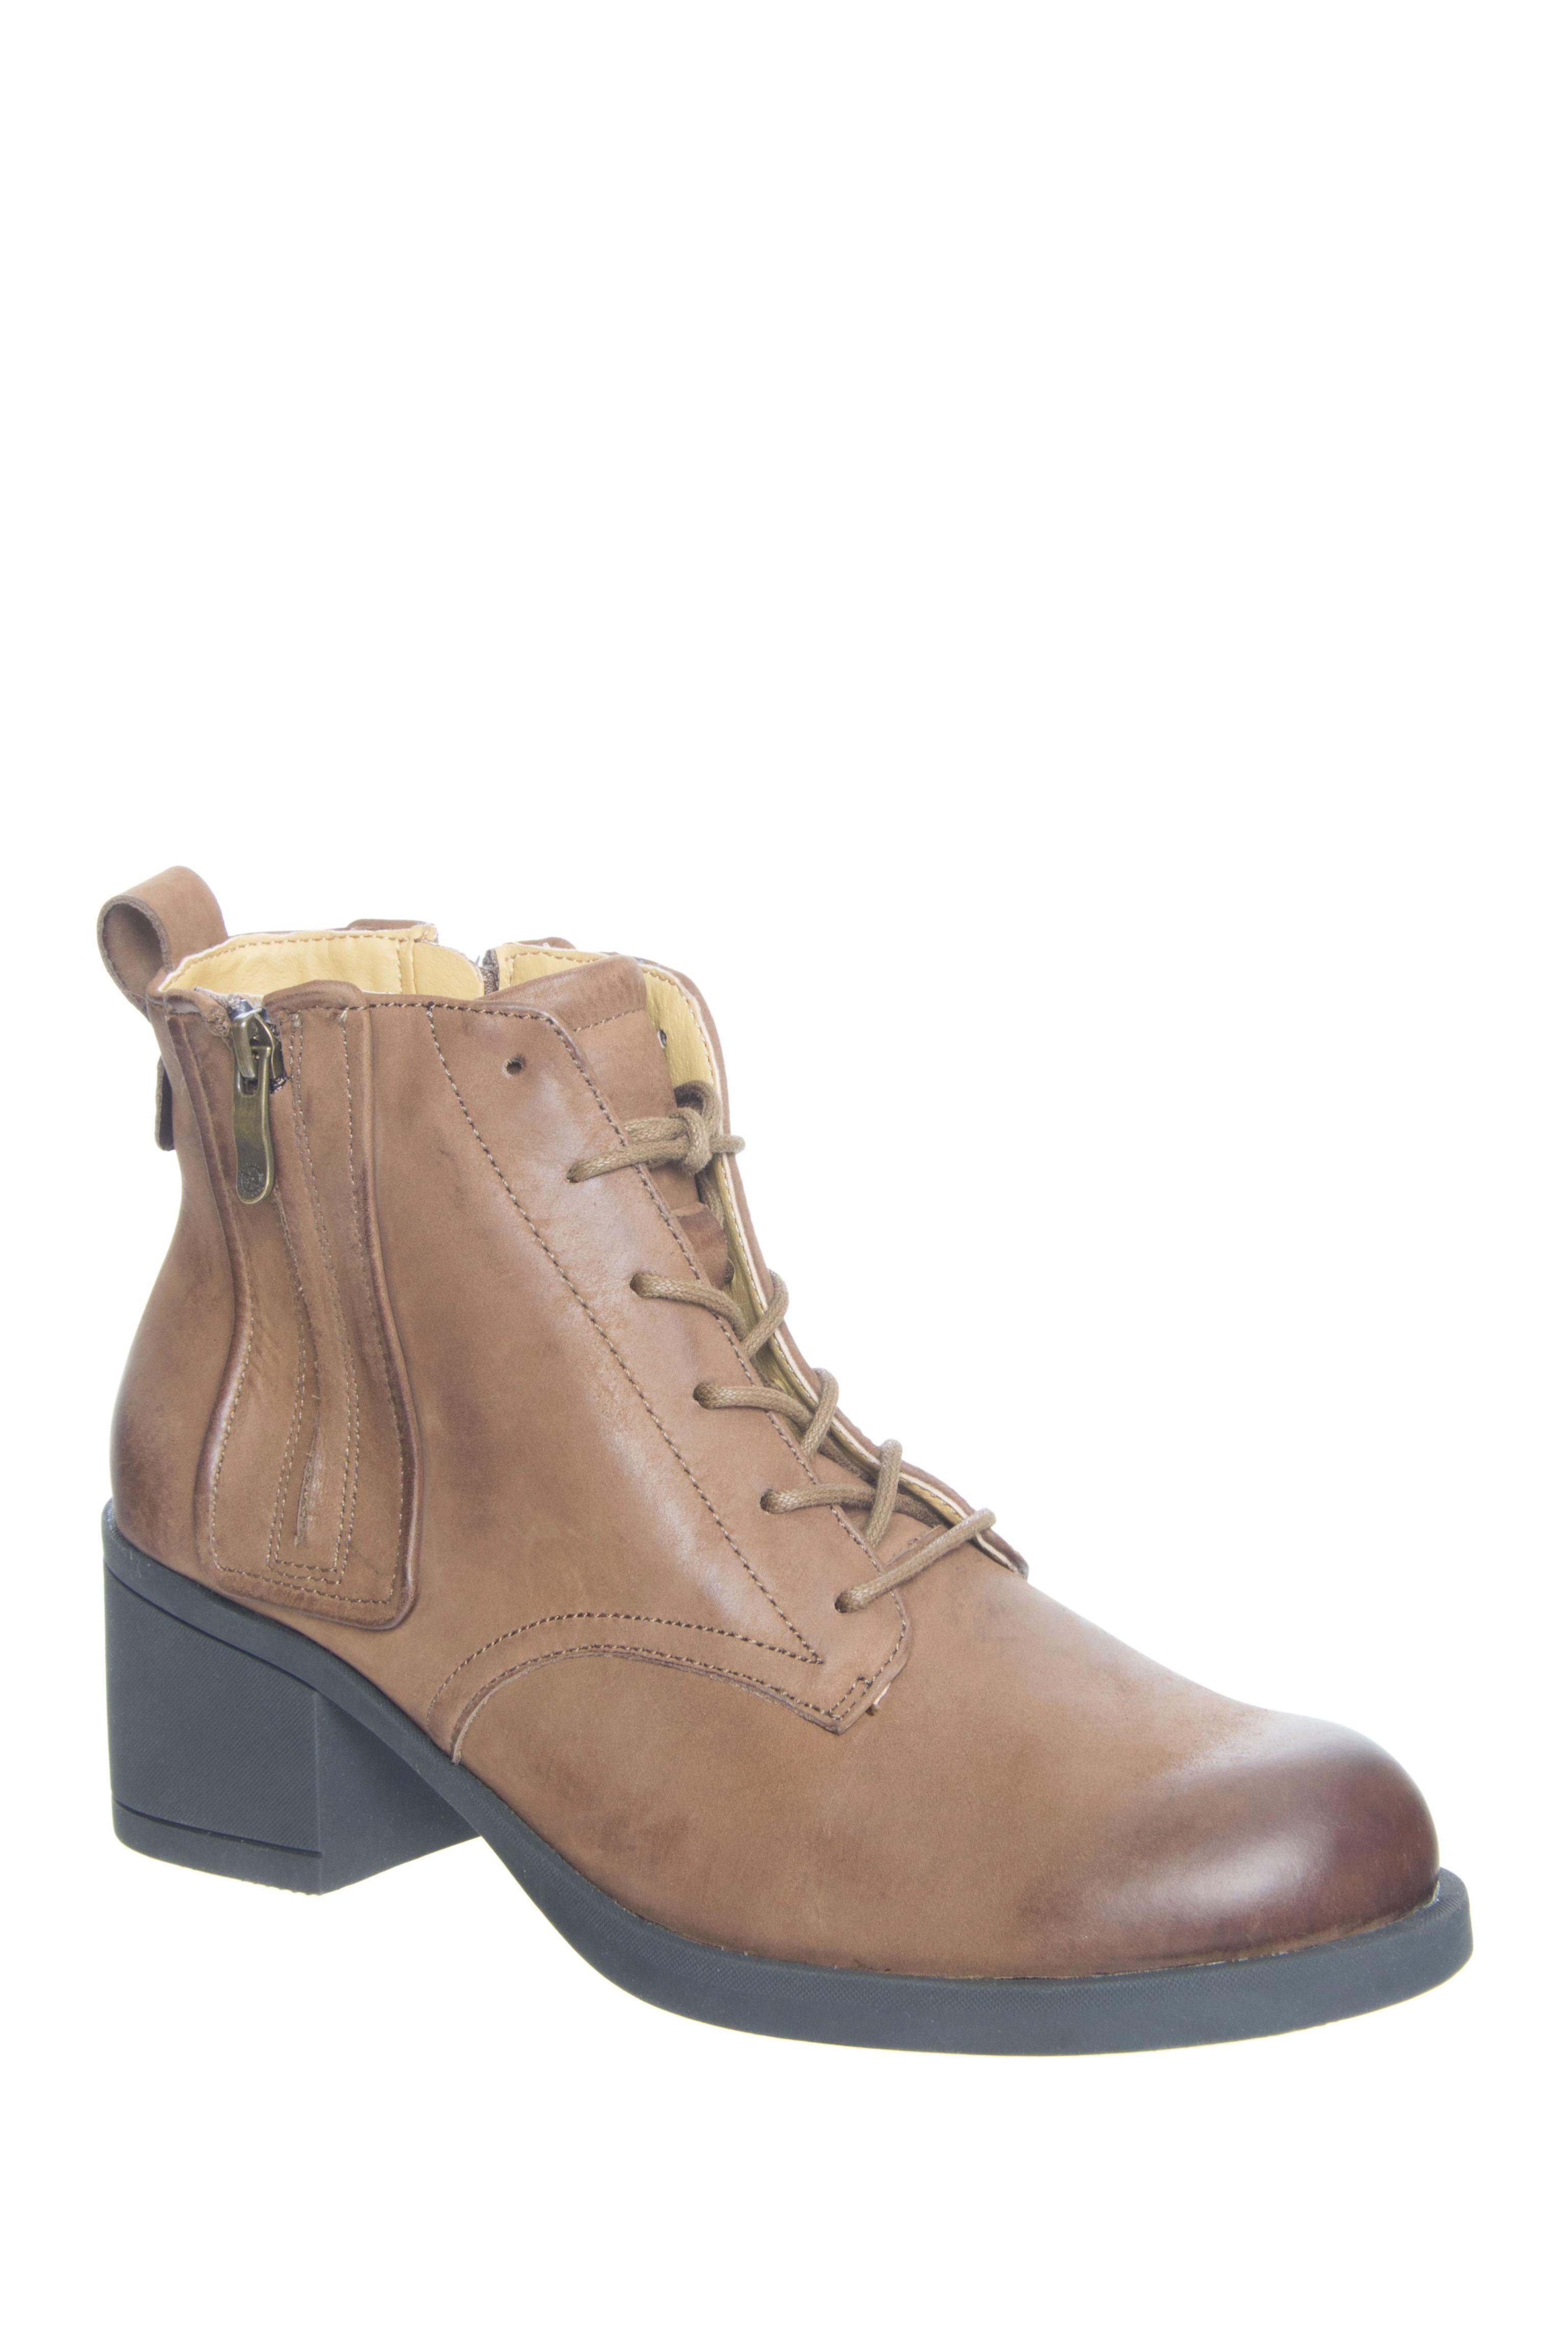 Bussola Teddy Mid Heel Booties - Fossil